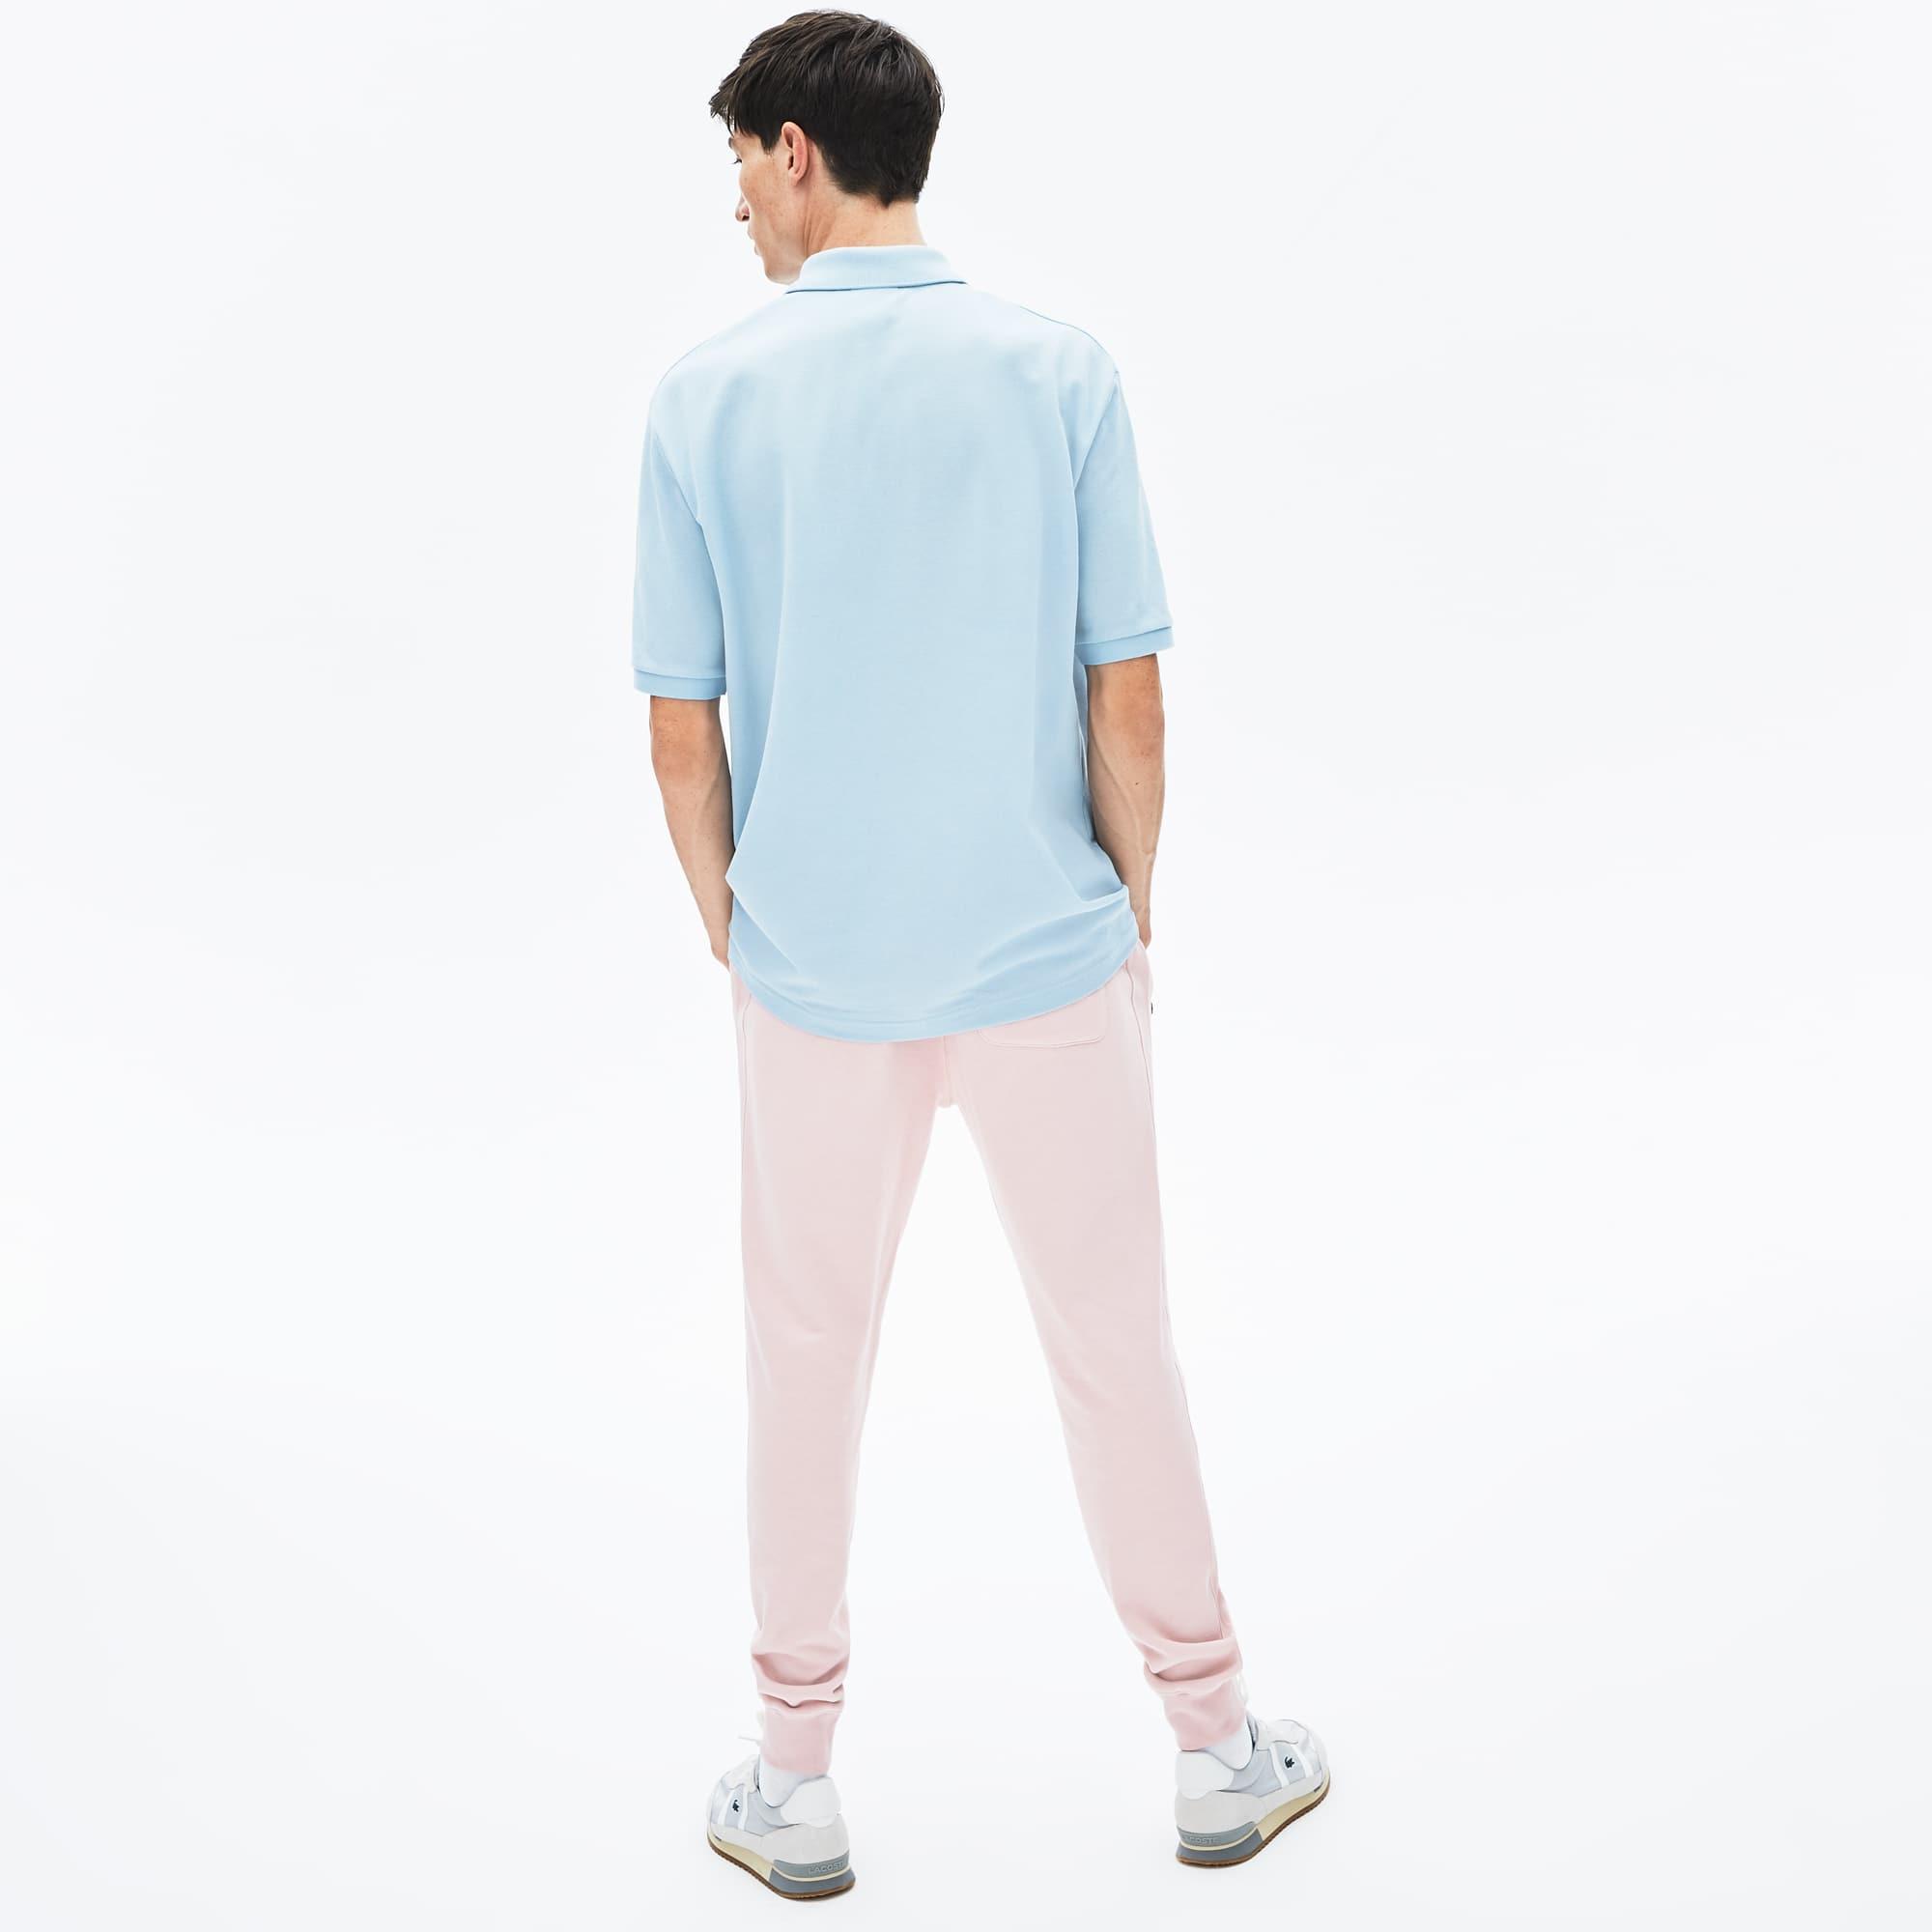 024fd8c5d6 Men's Lacoste LIVE Loose Fit Cotton Piqué Polo Shirt | LACOSTE